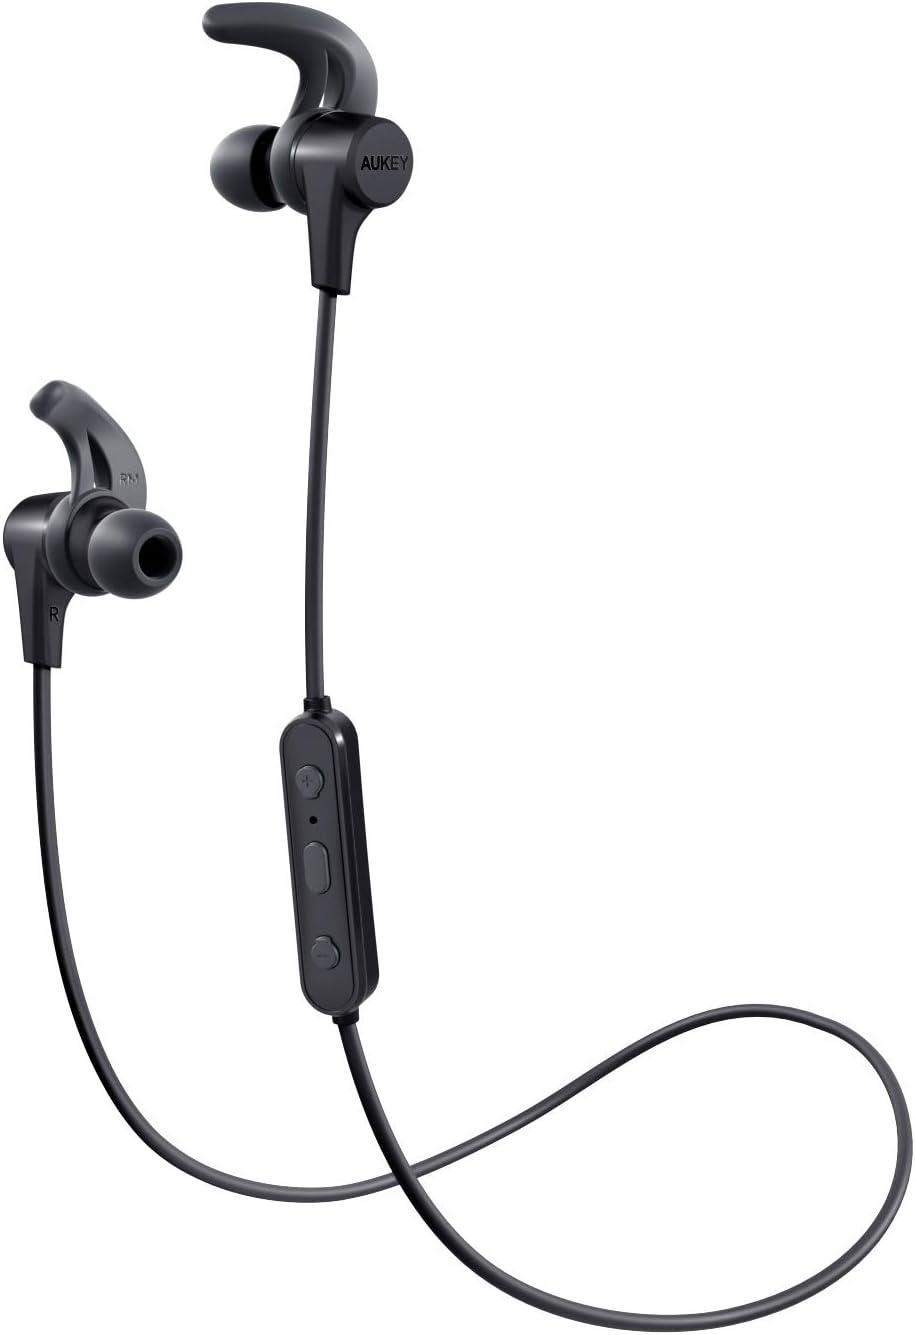 AUKEY Auriculares Bluetooth Inalámbricos Deportivos, Auricular Impermeable, 8 Horas Reproducción de Música, Micrófono Incorporado, para iPhone, Samsung, Huawei, Xiaomi ect